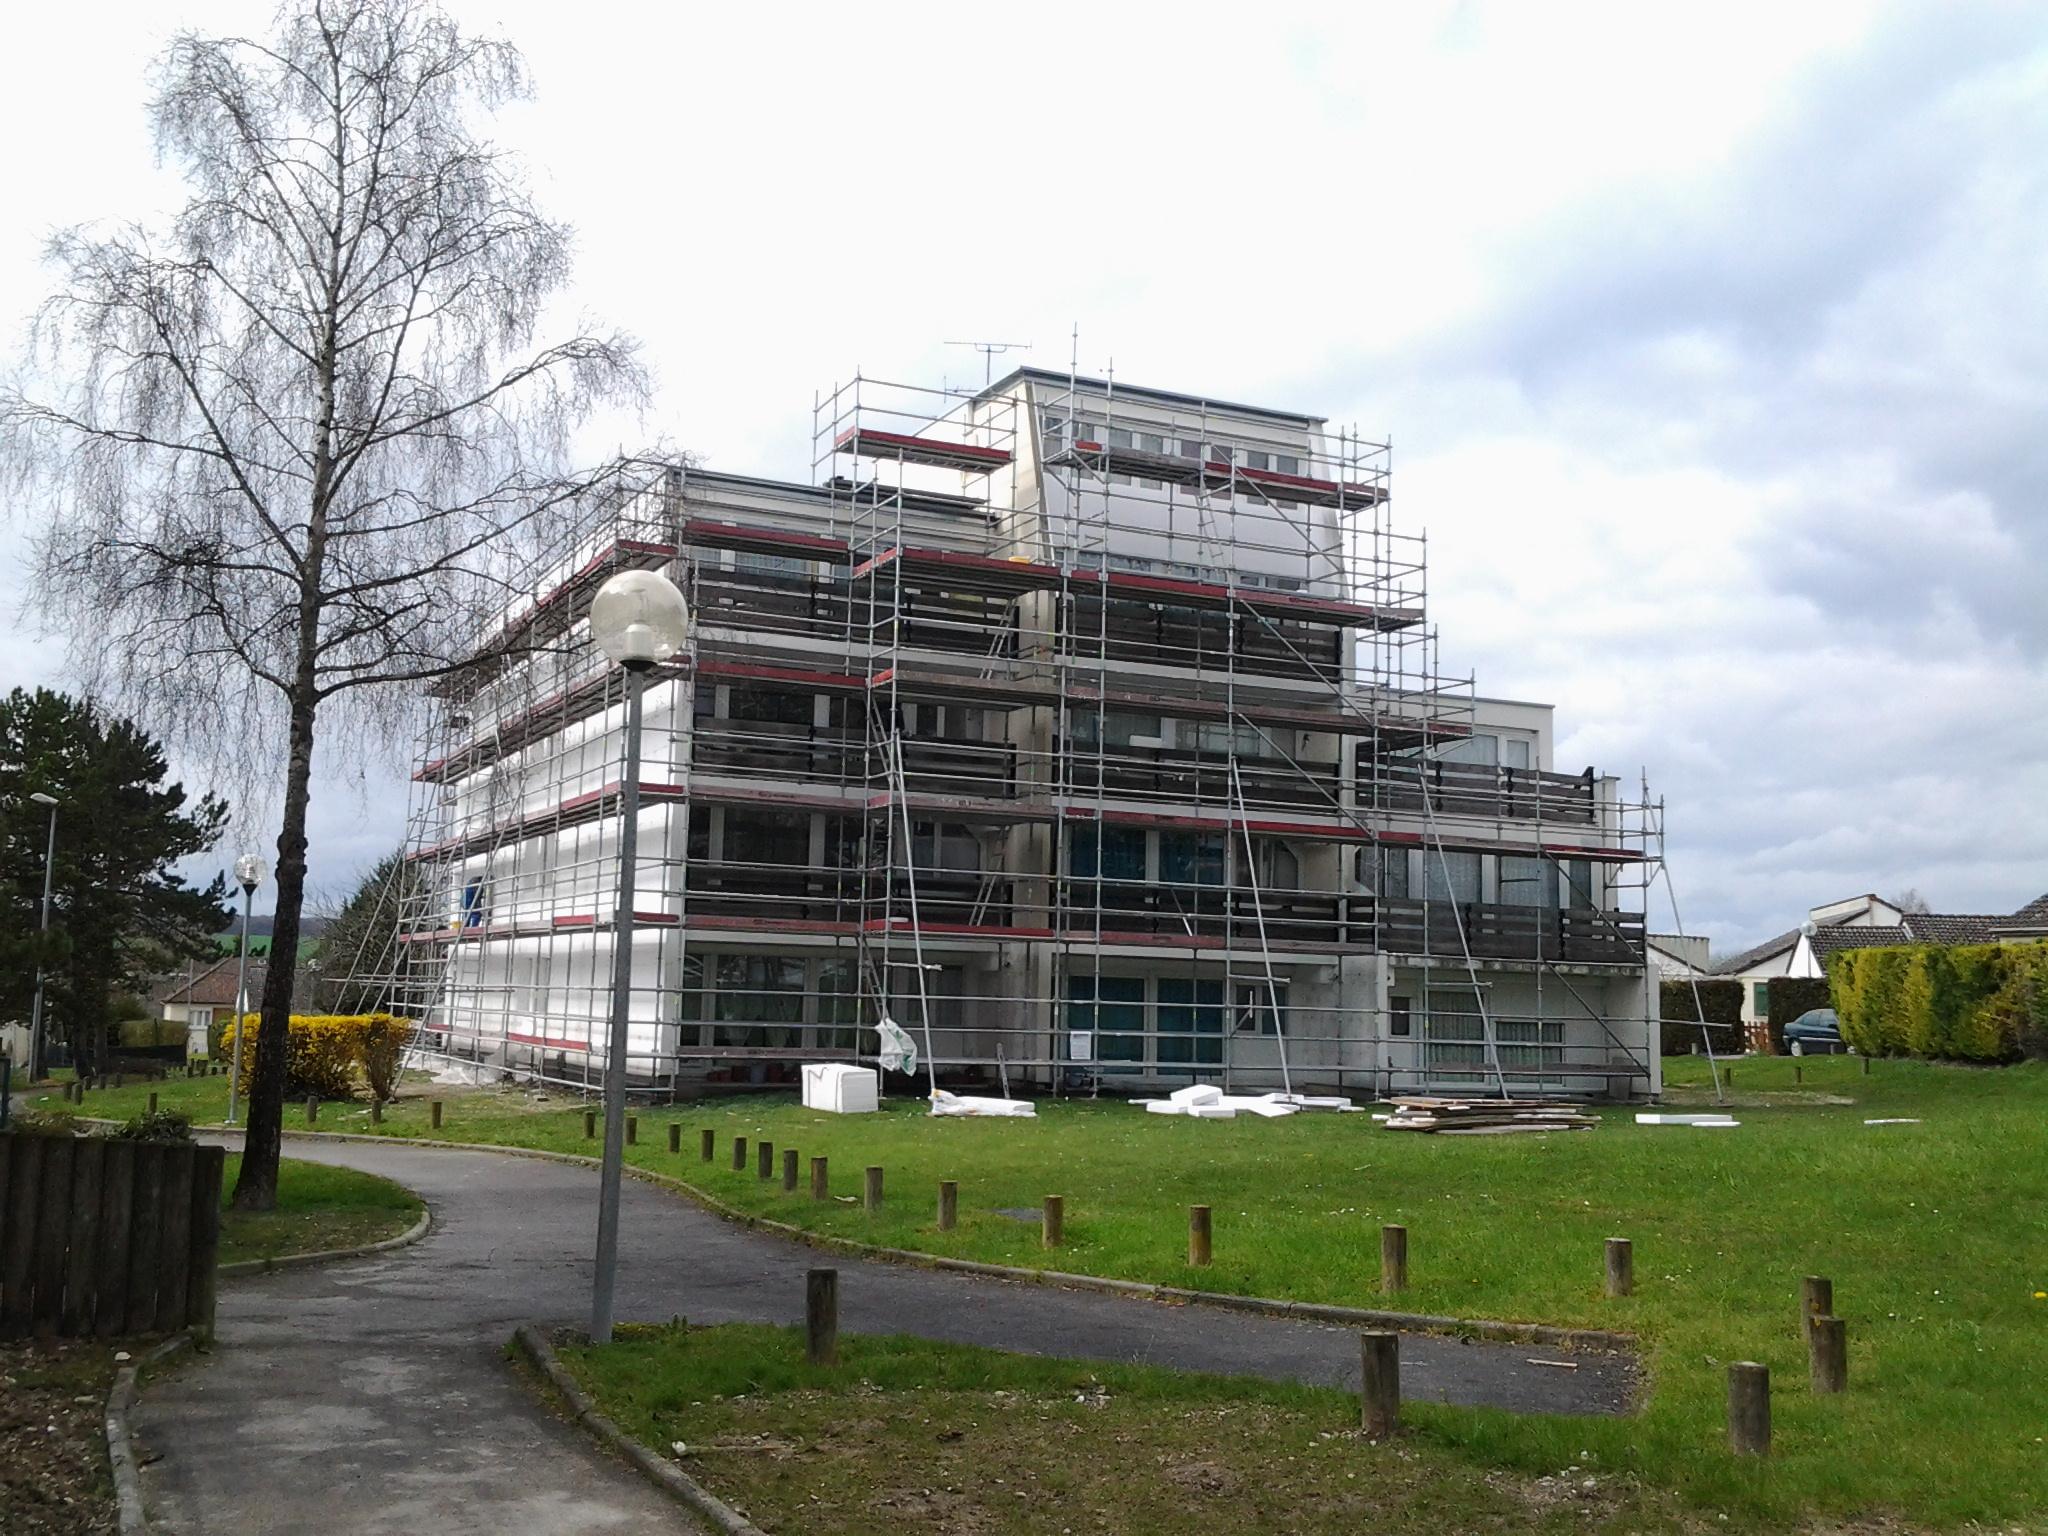 Réhabilitation immeubles de logements à MOREUIL. Mission SPS Niveau 2.